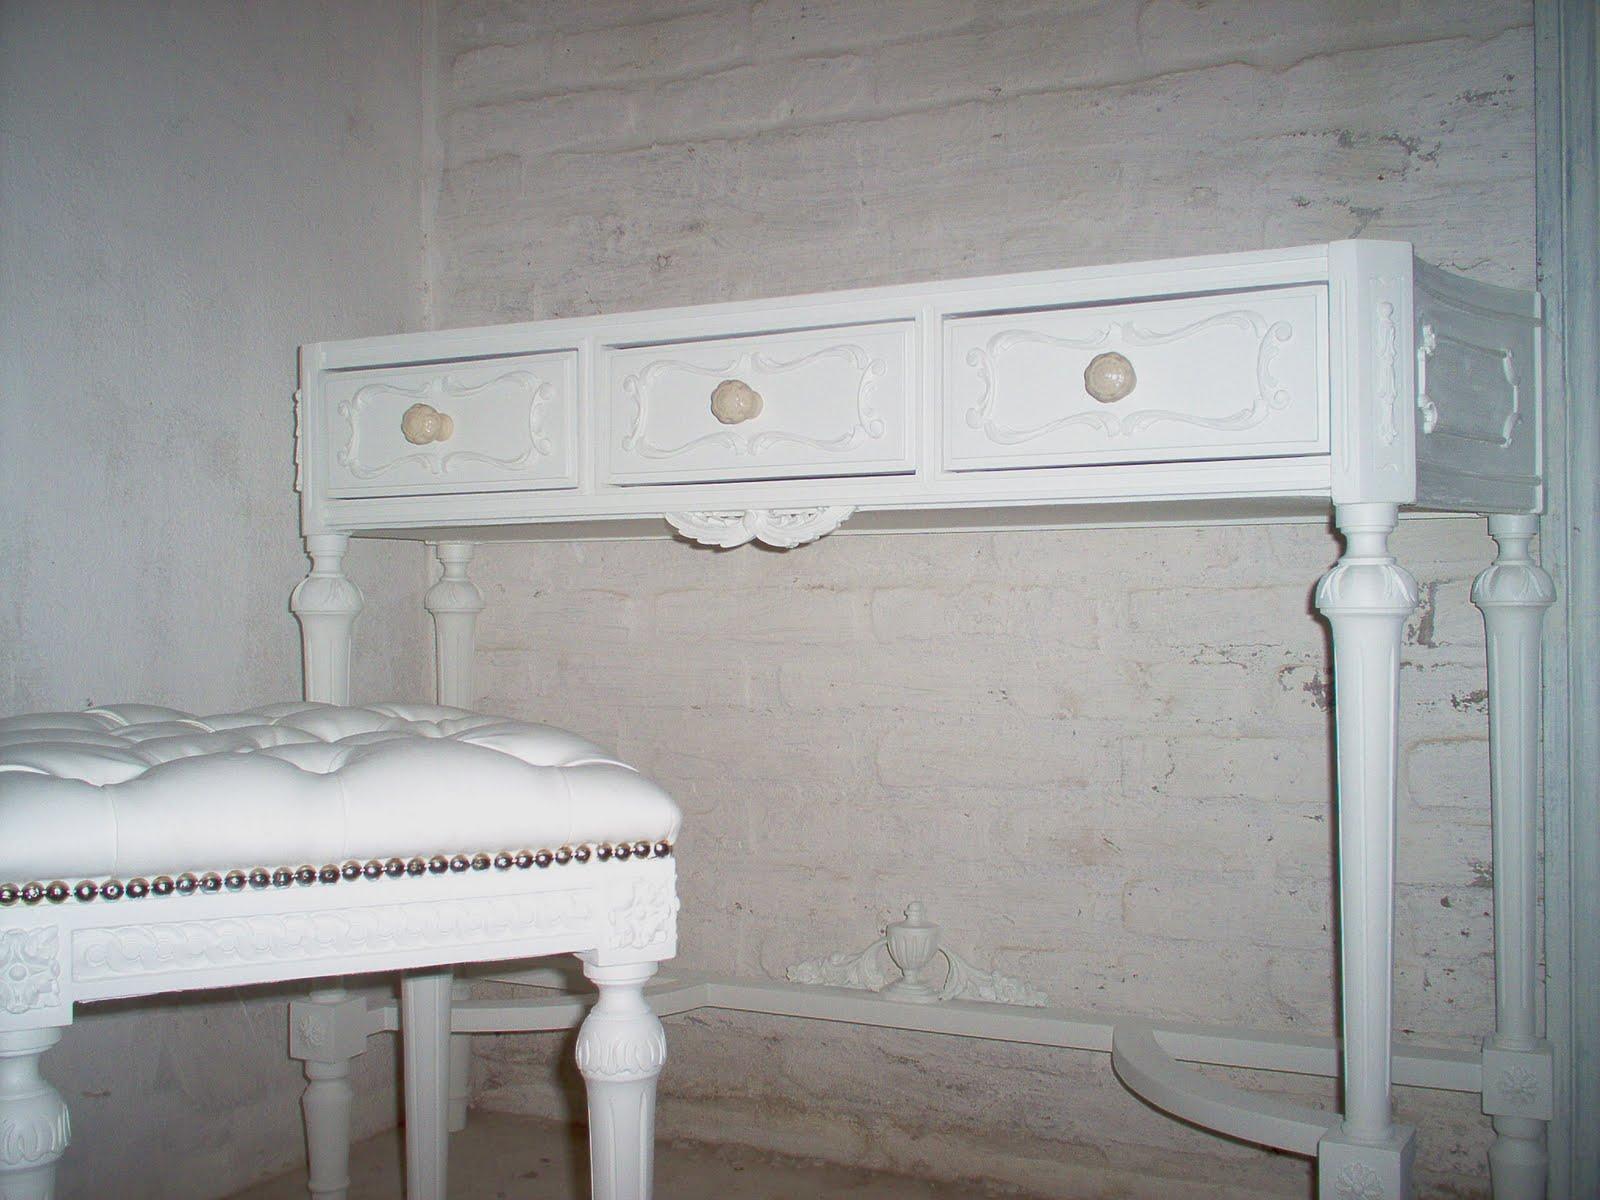 La cabeza de maria antonieta juego de dormitorio luis xvi for Dormitorio luis xvi